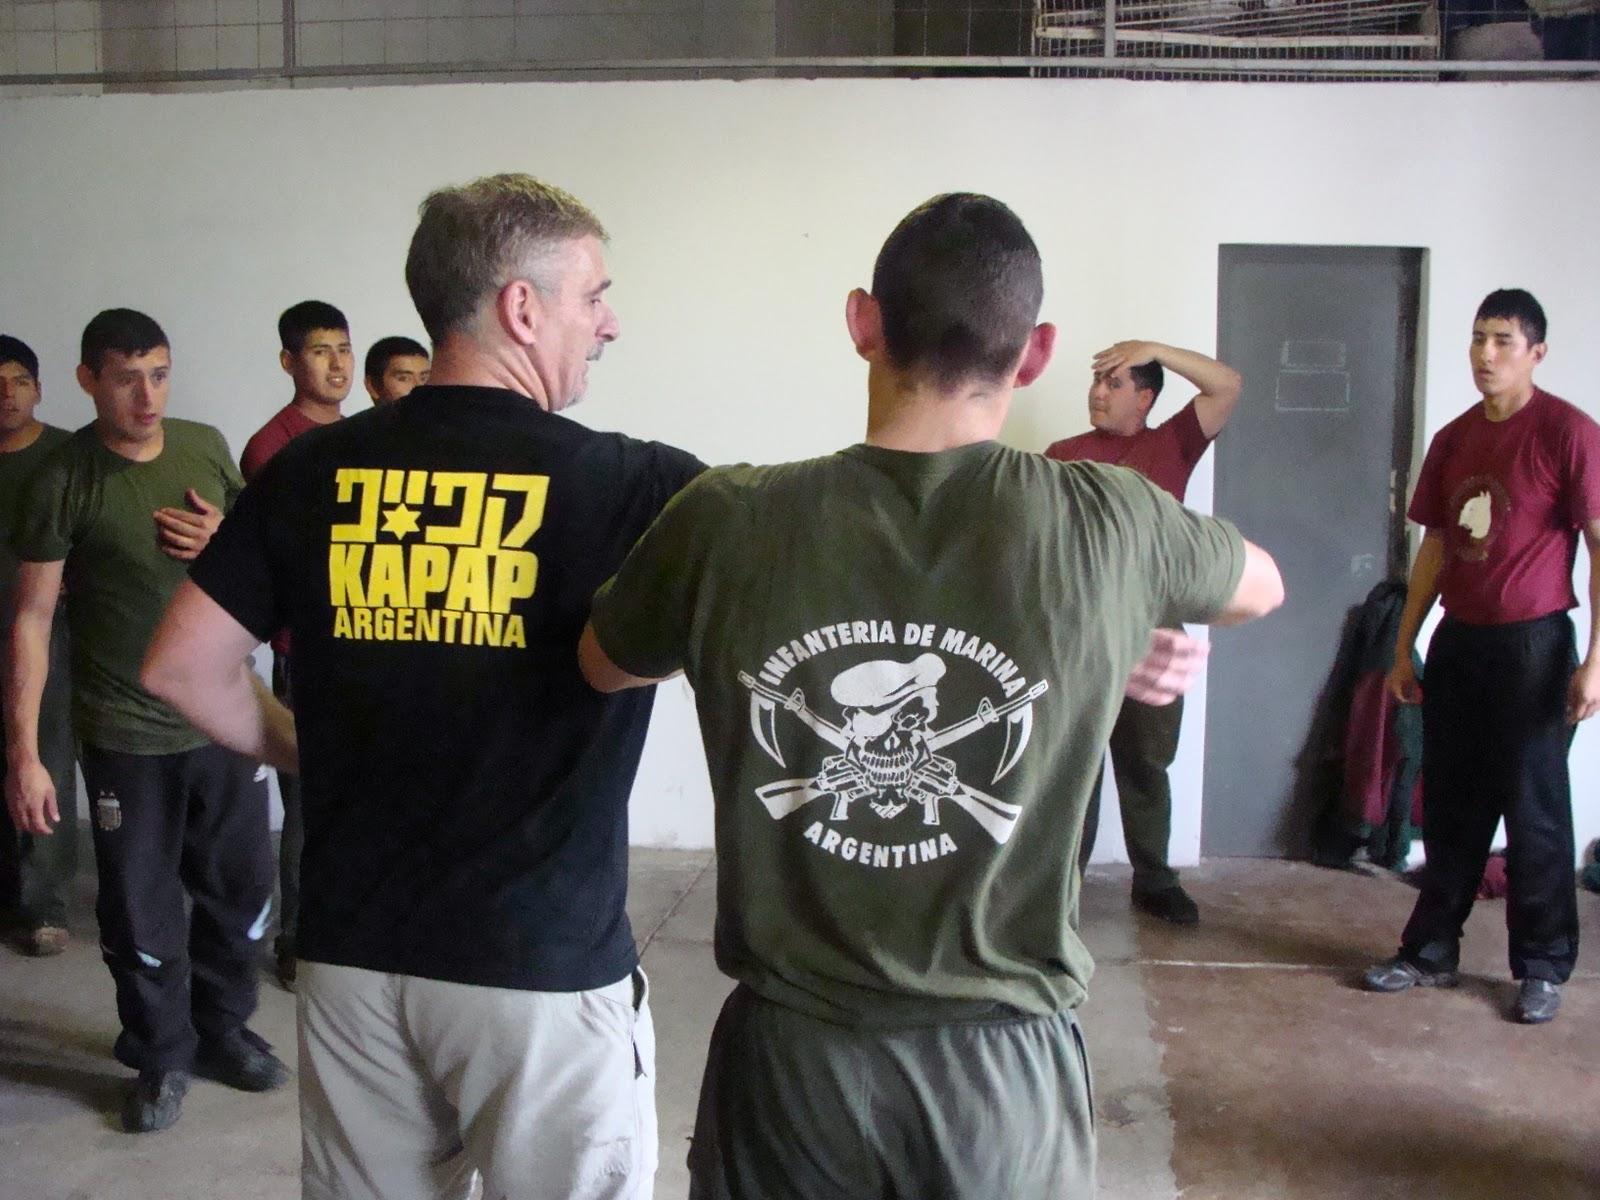 El kapap Maga en la Infanteria de Marina Argentina